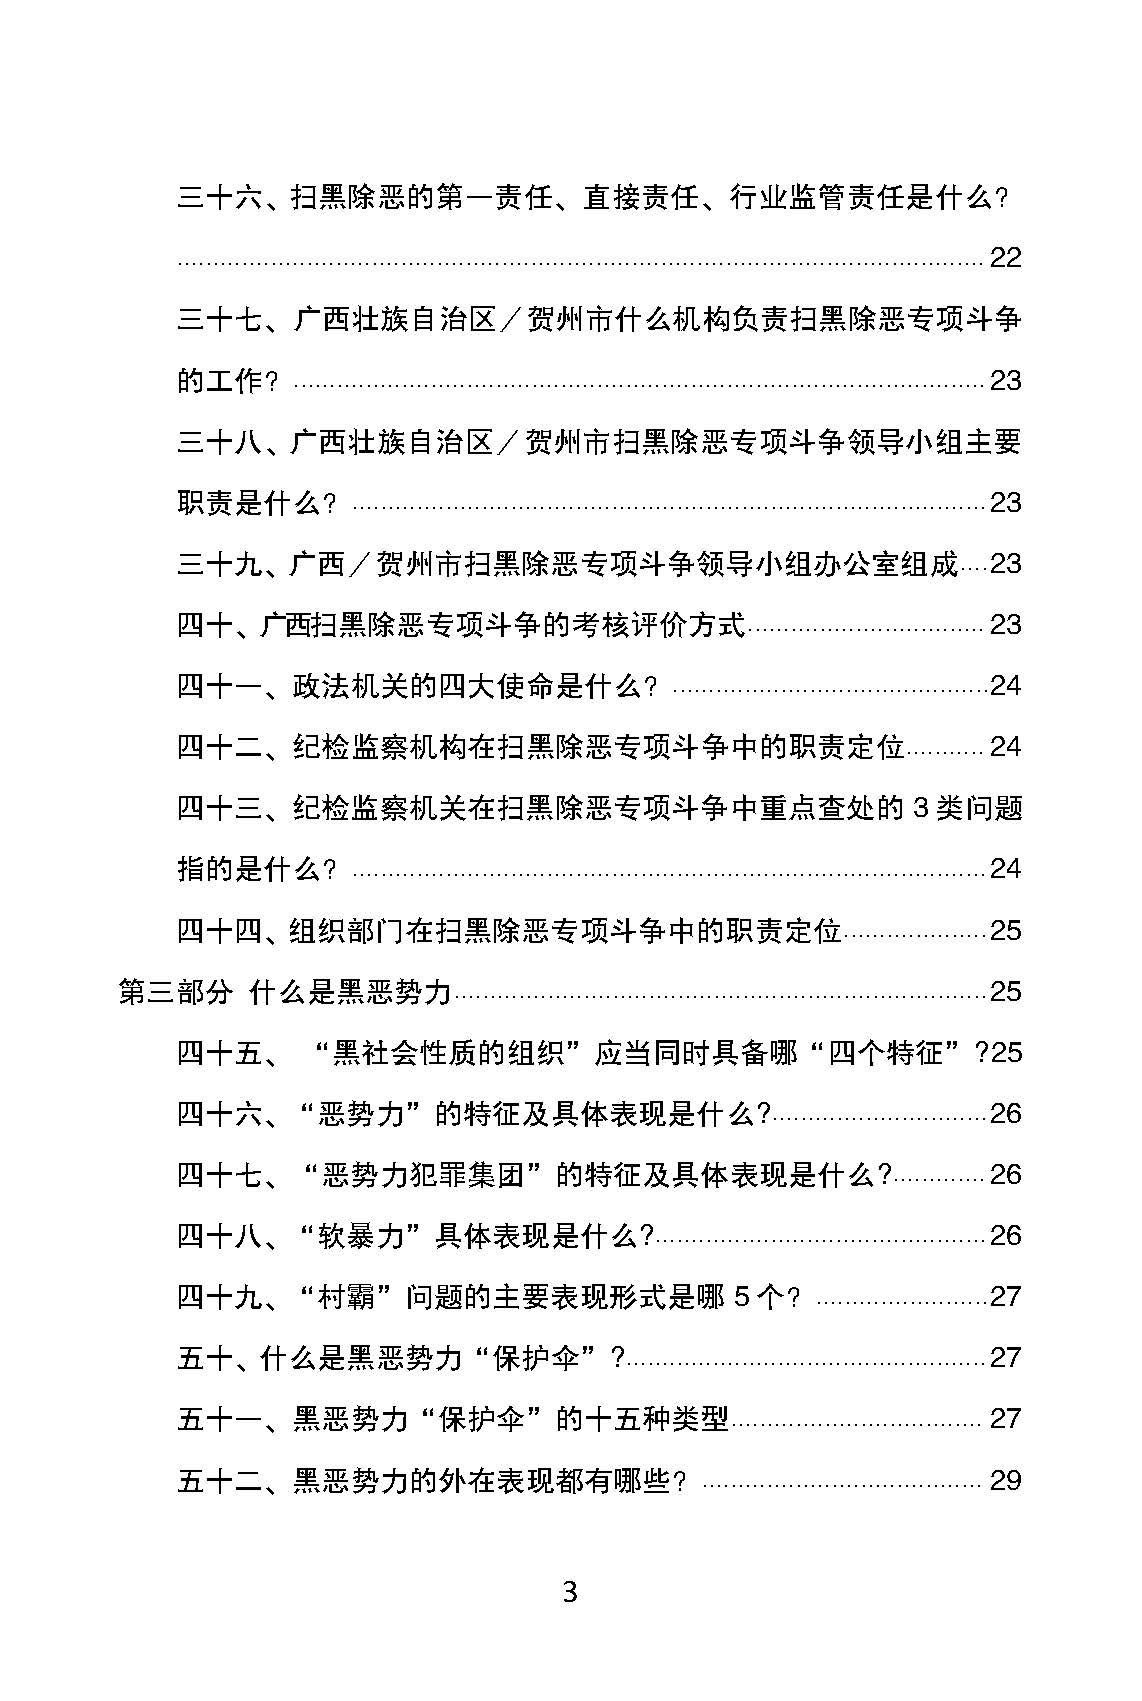 贺州市扫黑除恶  应知应会知识汇编_页面_03.jpg